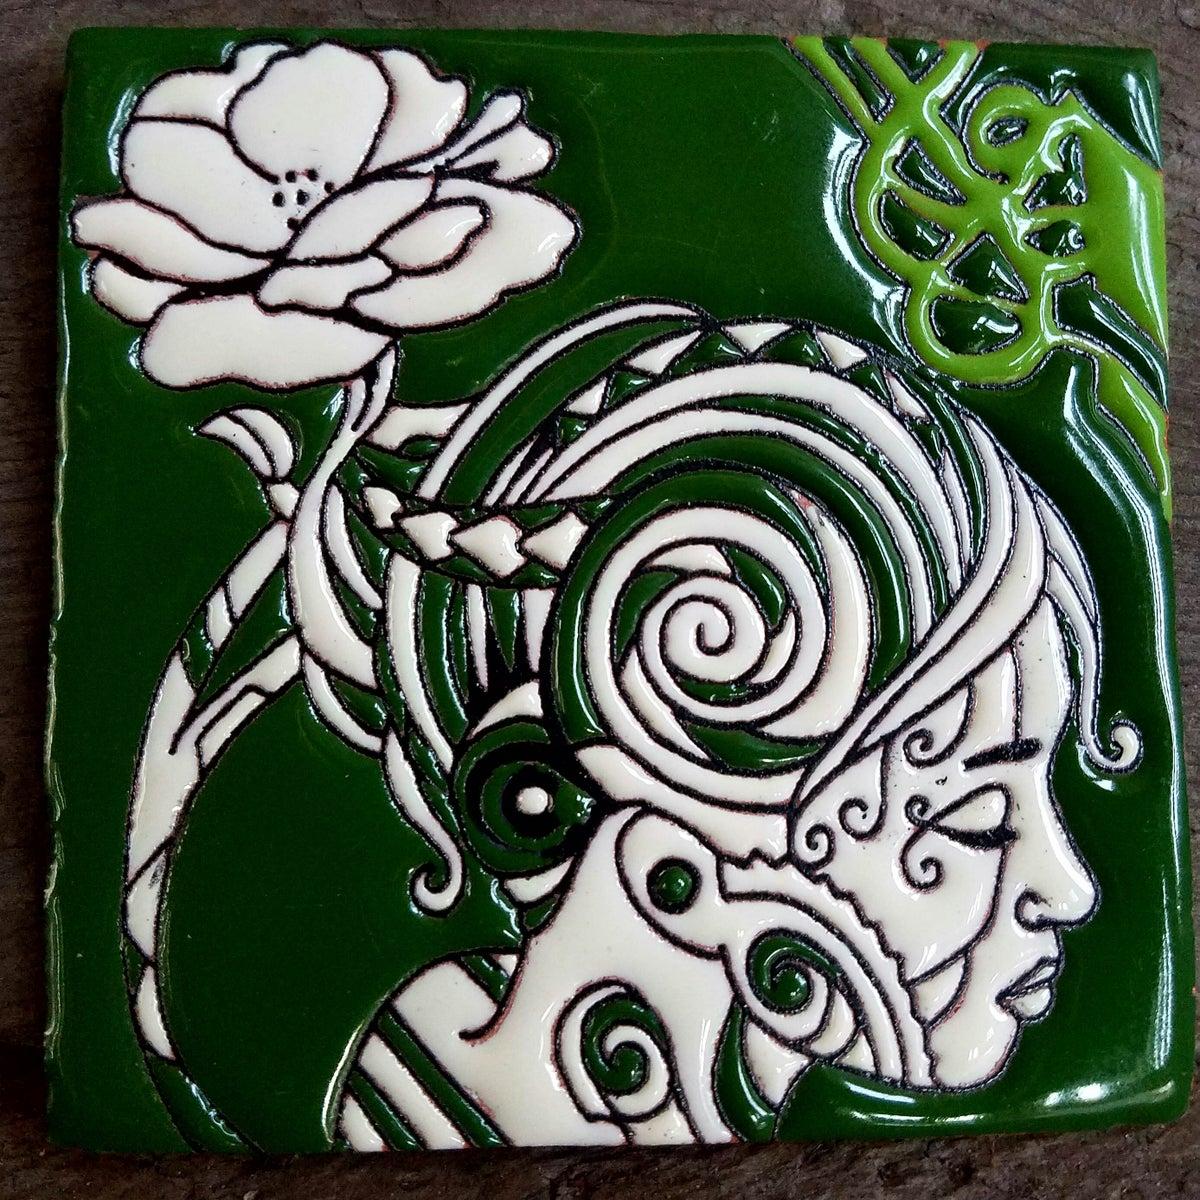 Image of Flower Goddess Coaster Tile